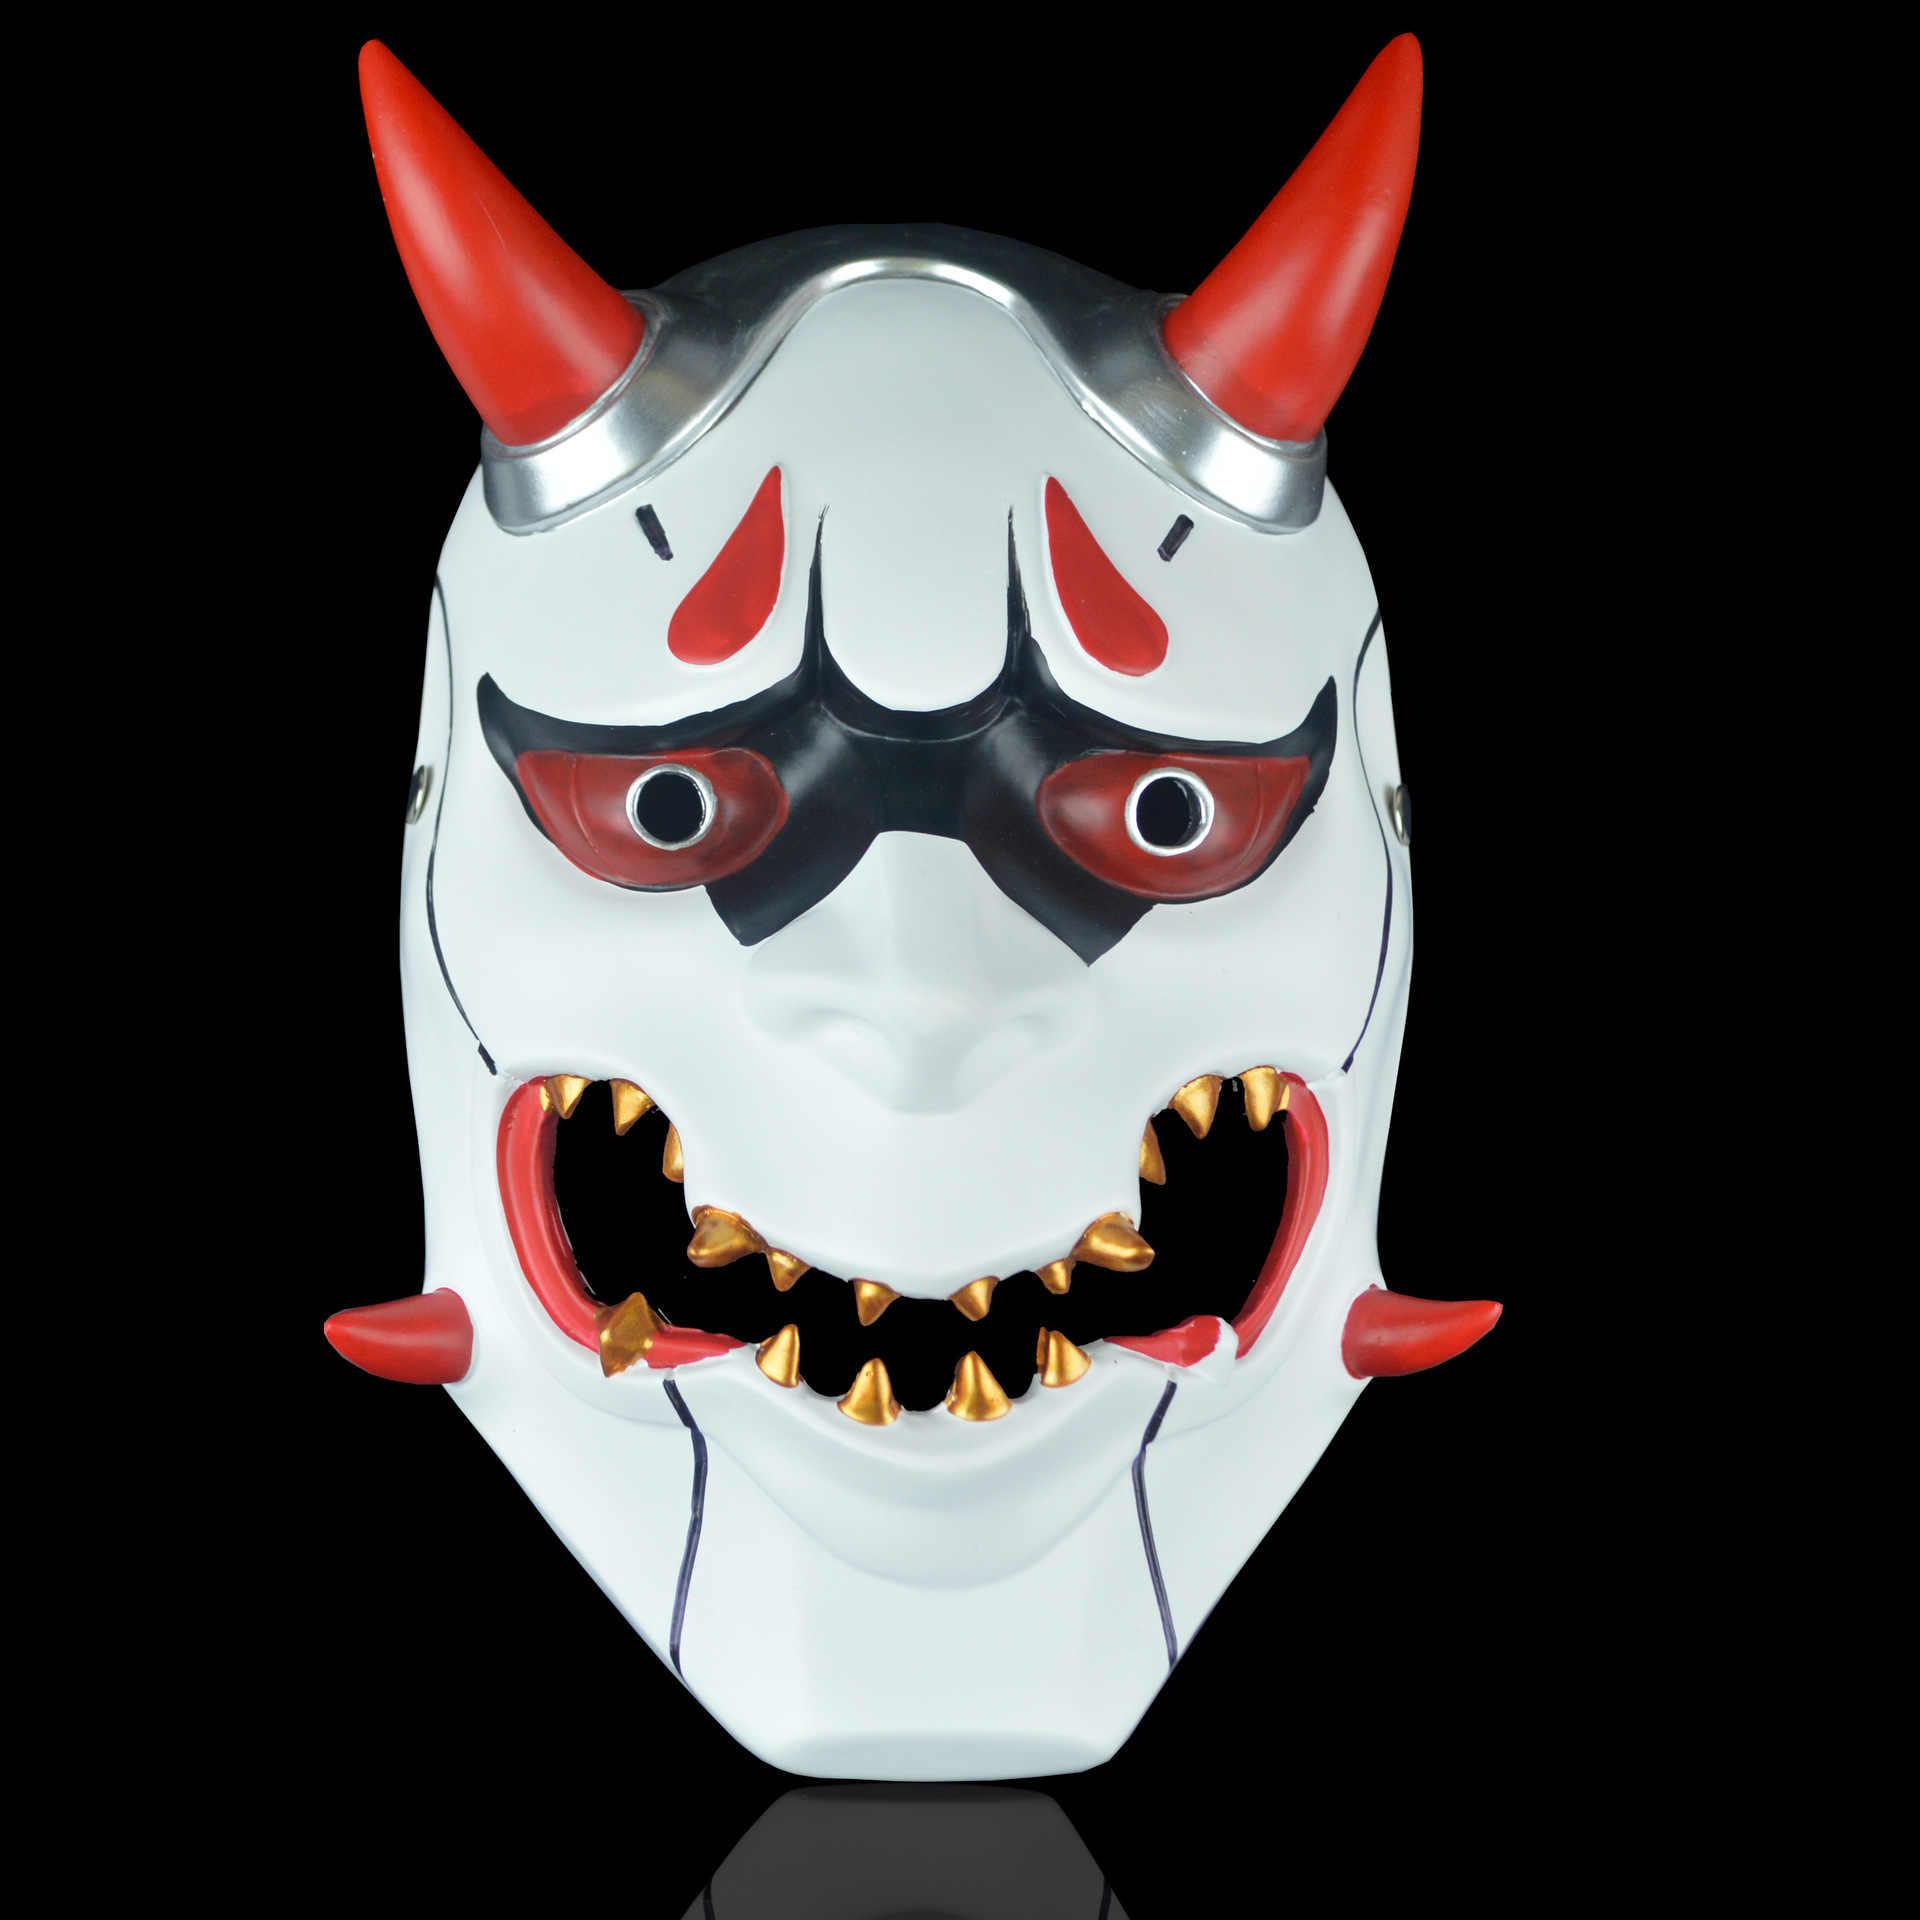 لعبة آه جينجي الجلد Oni تأثيري أقنعة اليابانية Hannya شيطان الشيطان خوذة كامل الوجه الدعائم حزب هالوين يتوهم شبح قناع الدعامة